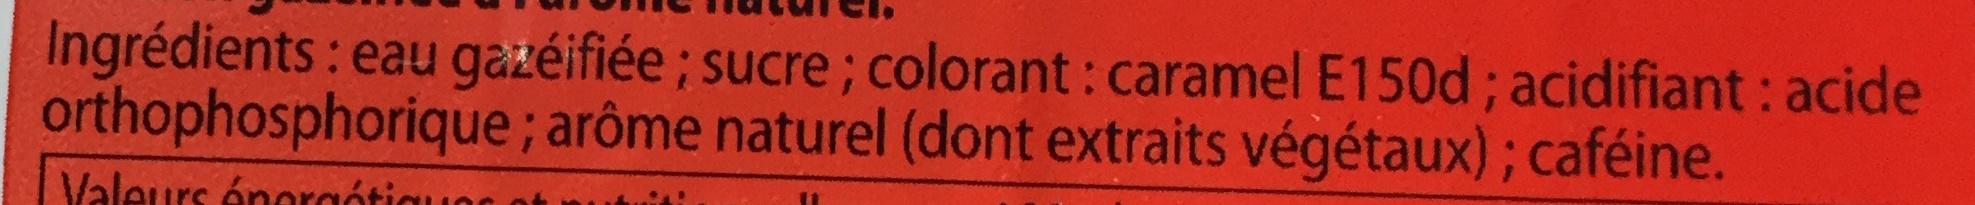 Soda aux extraits végétaux Cola - Ingrédients - fr